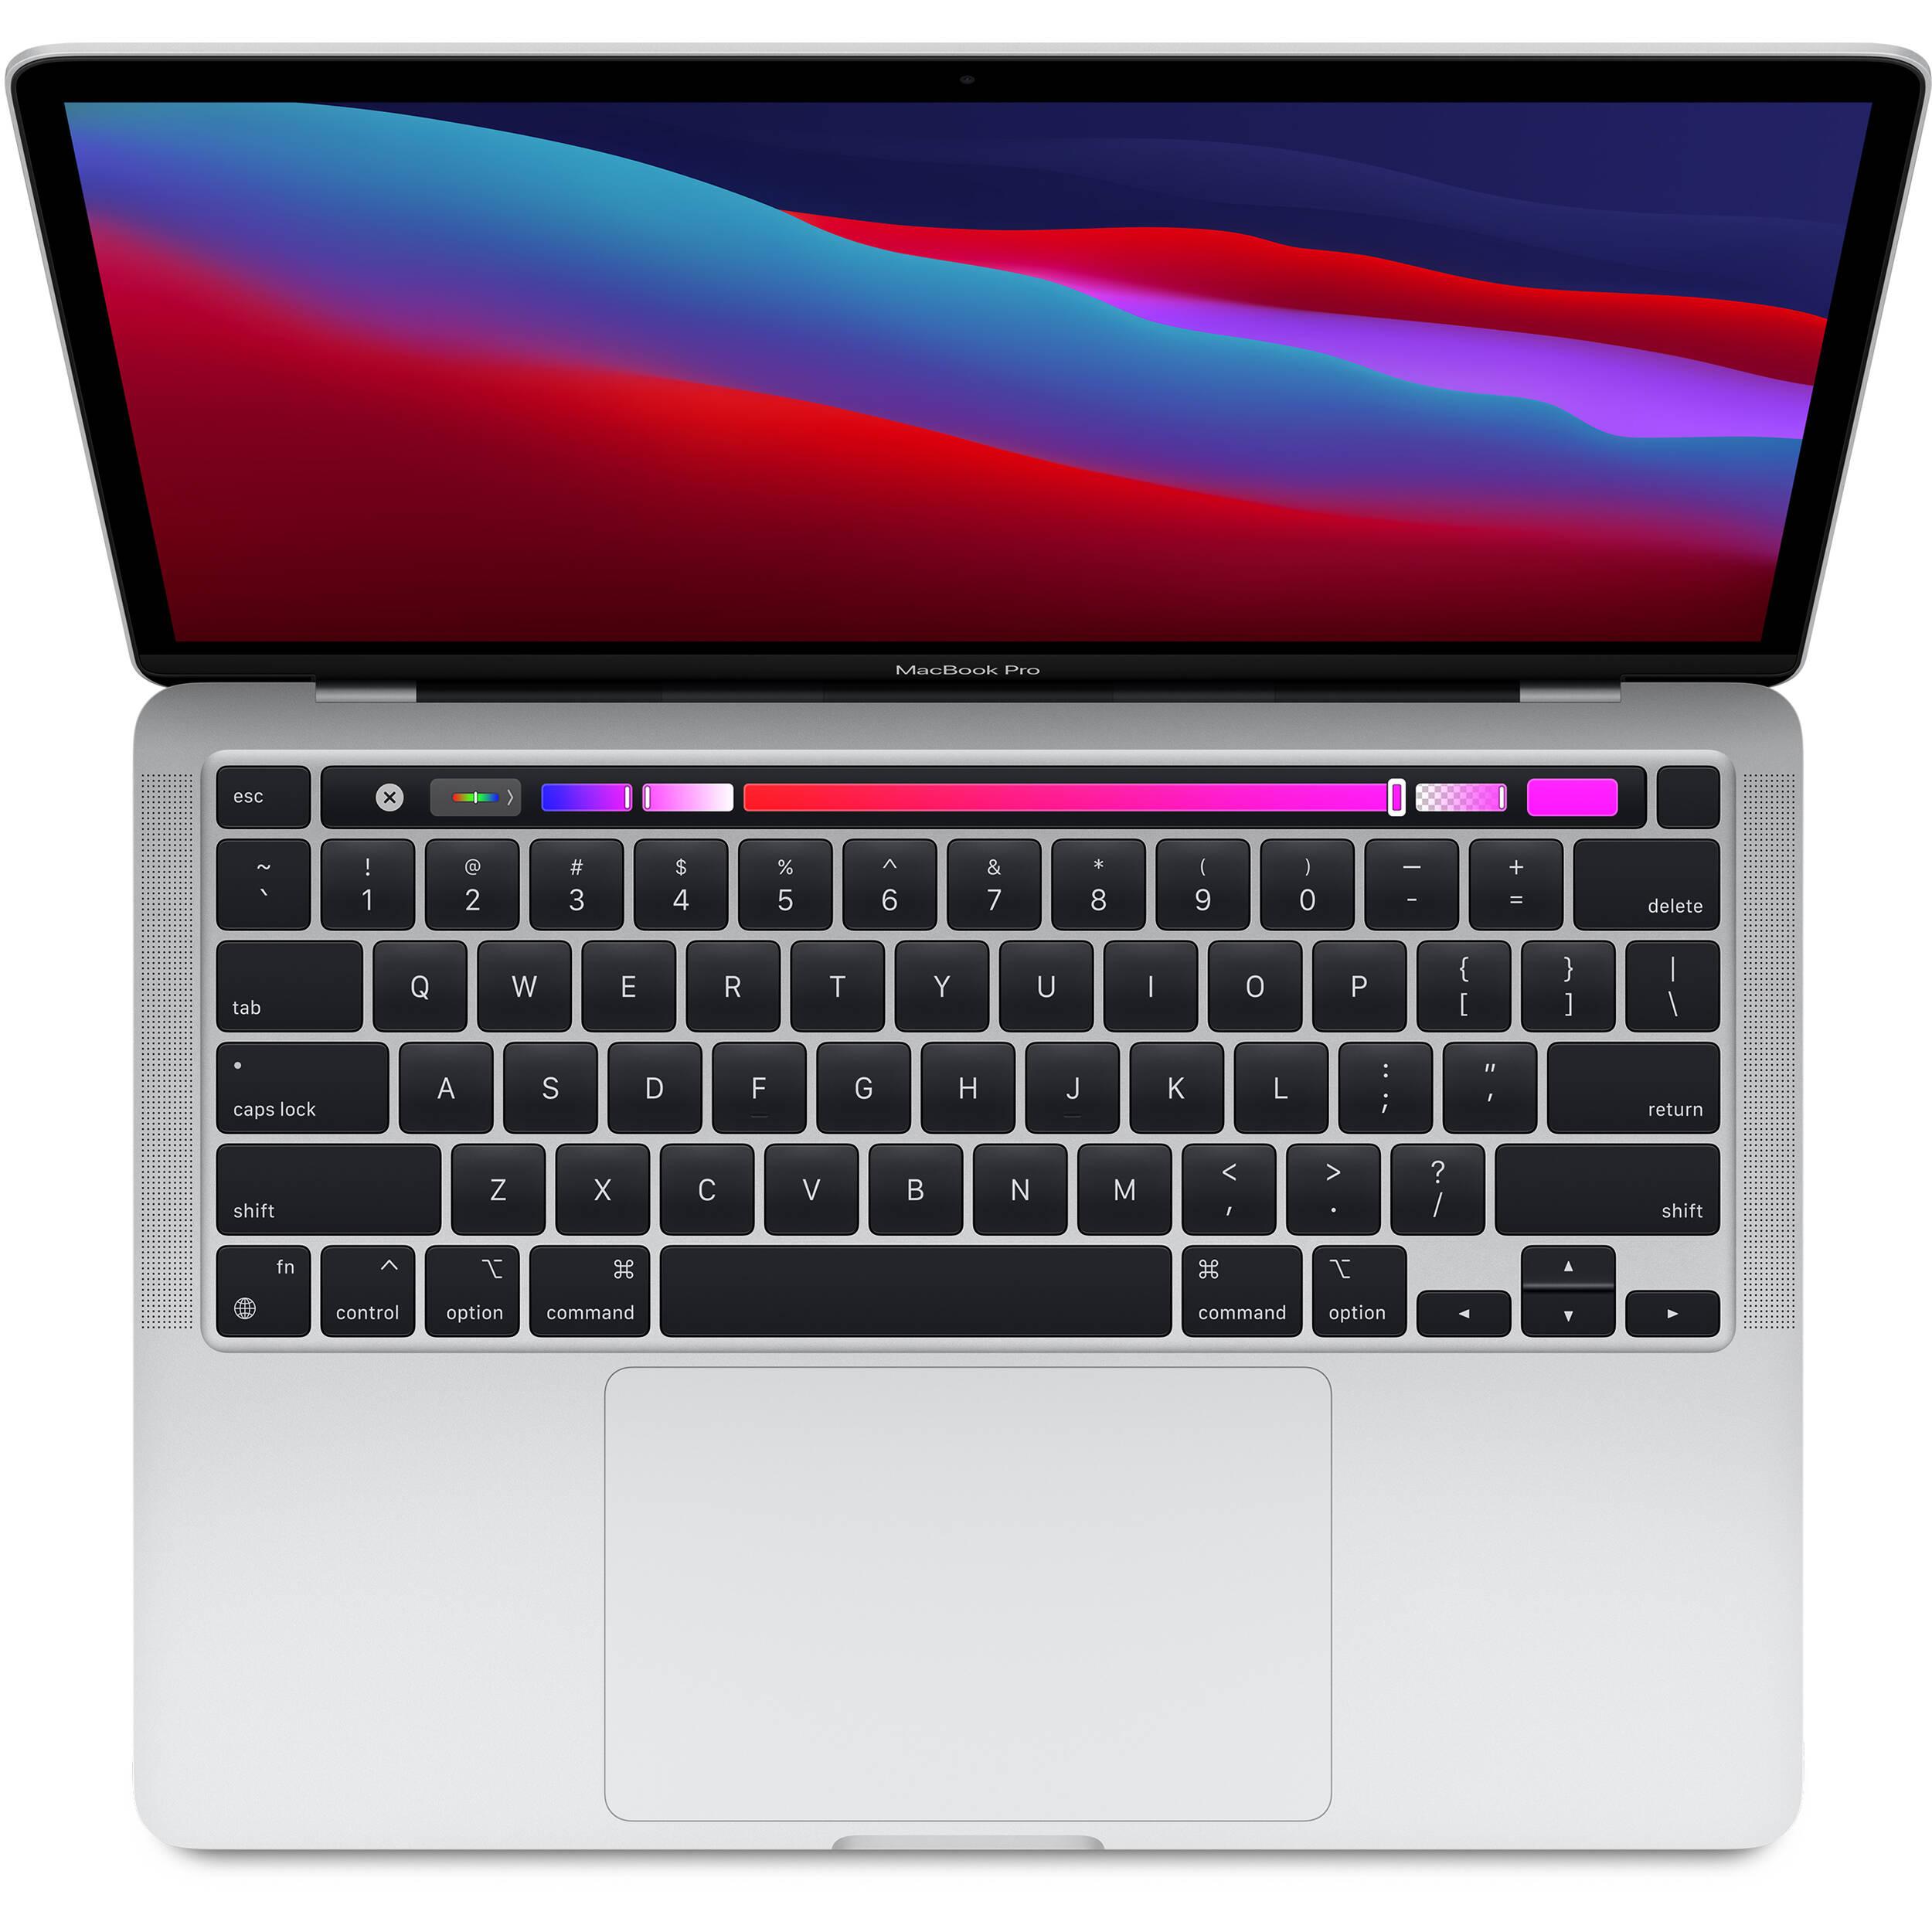 لپ تاپ 13 اینچی اپل مدل MacBook Pro MYDC2 2020 همراه با تاچ بار  main 1 1